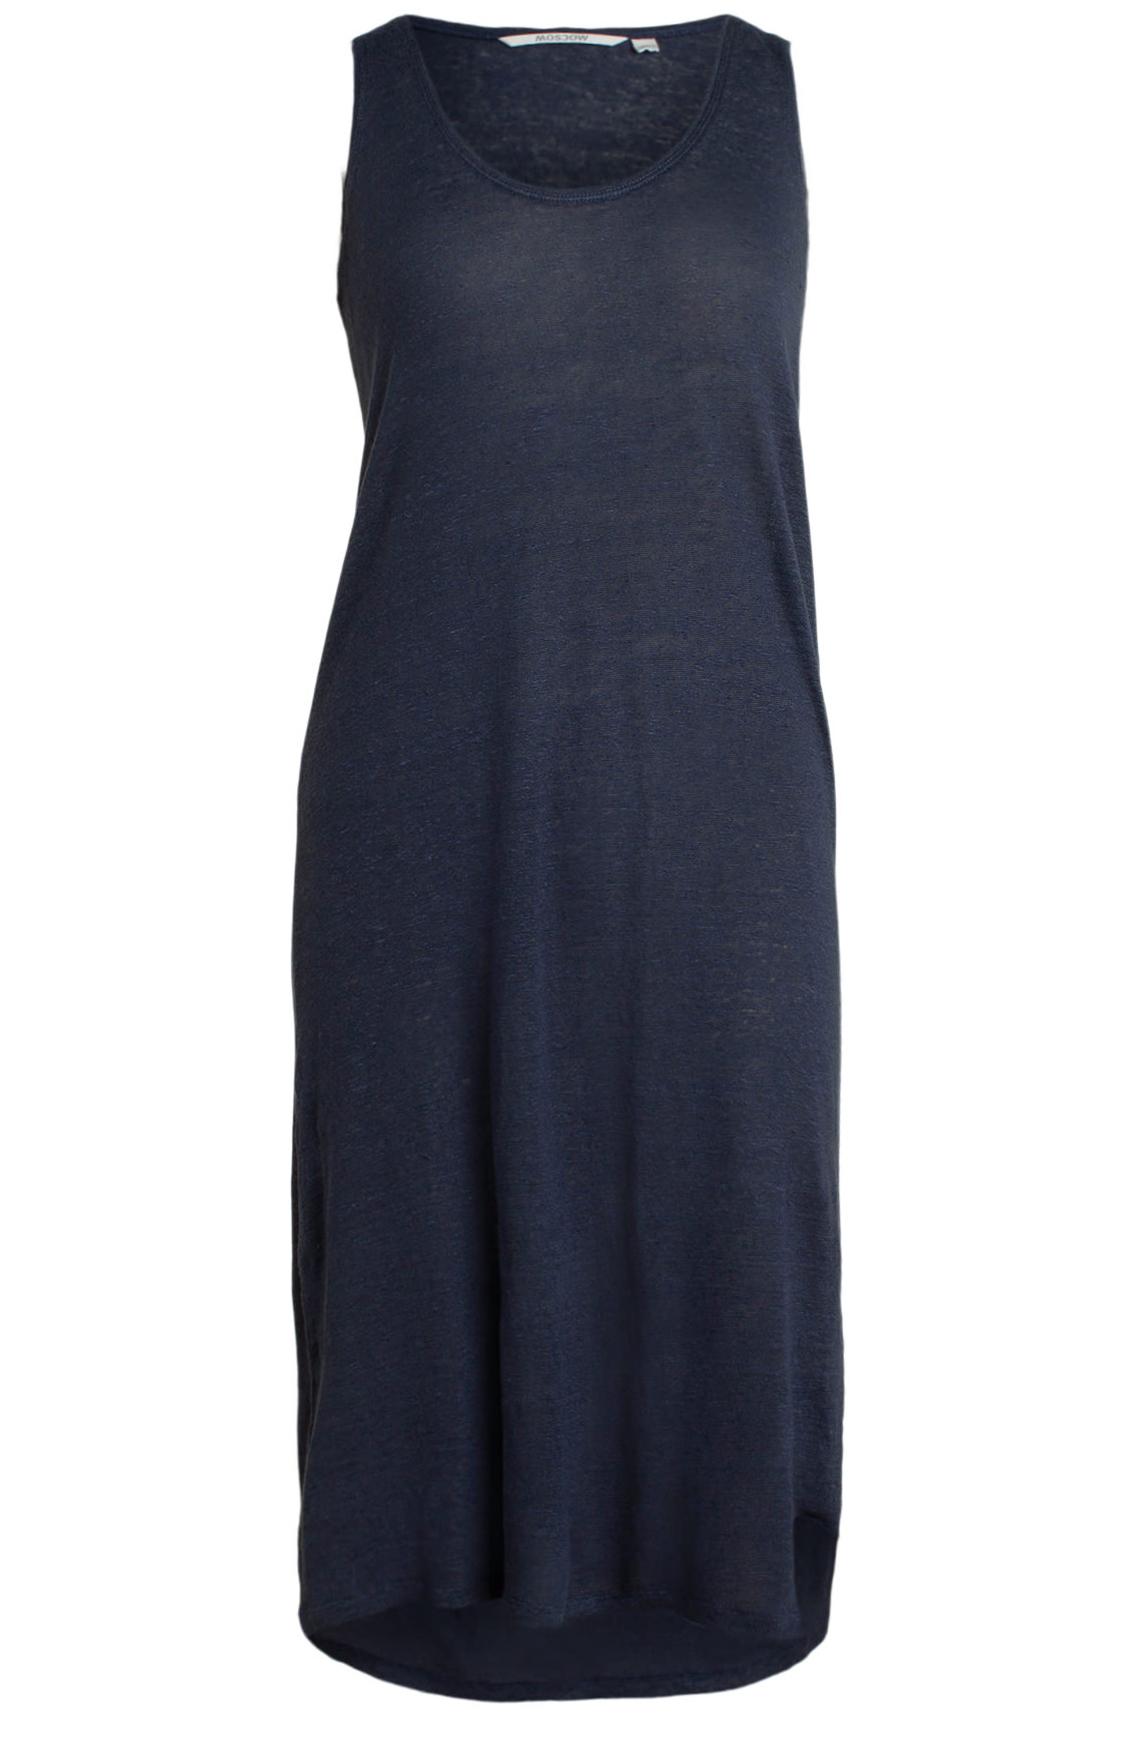 Moscow Dames Linen singlet dress Blauw